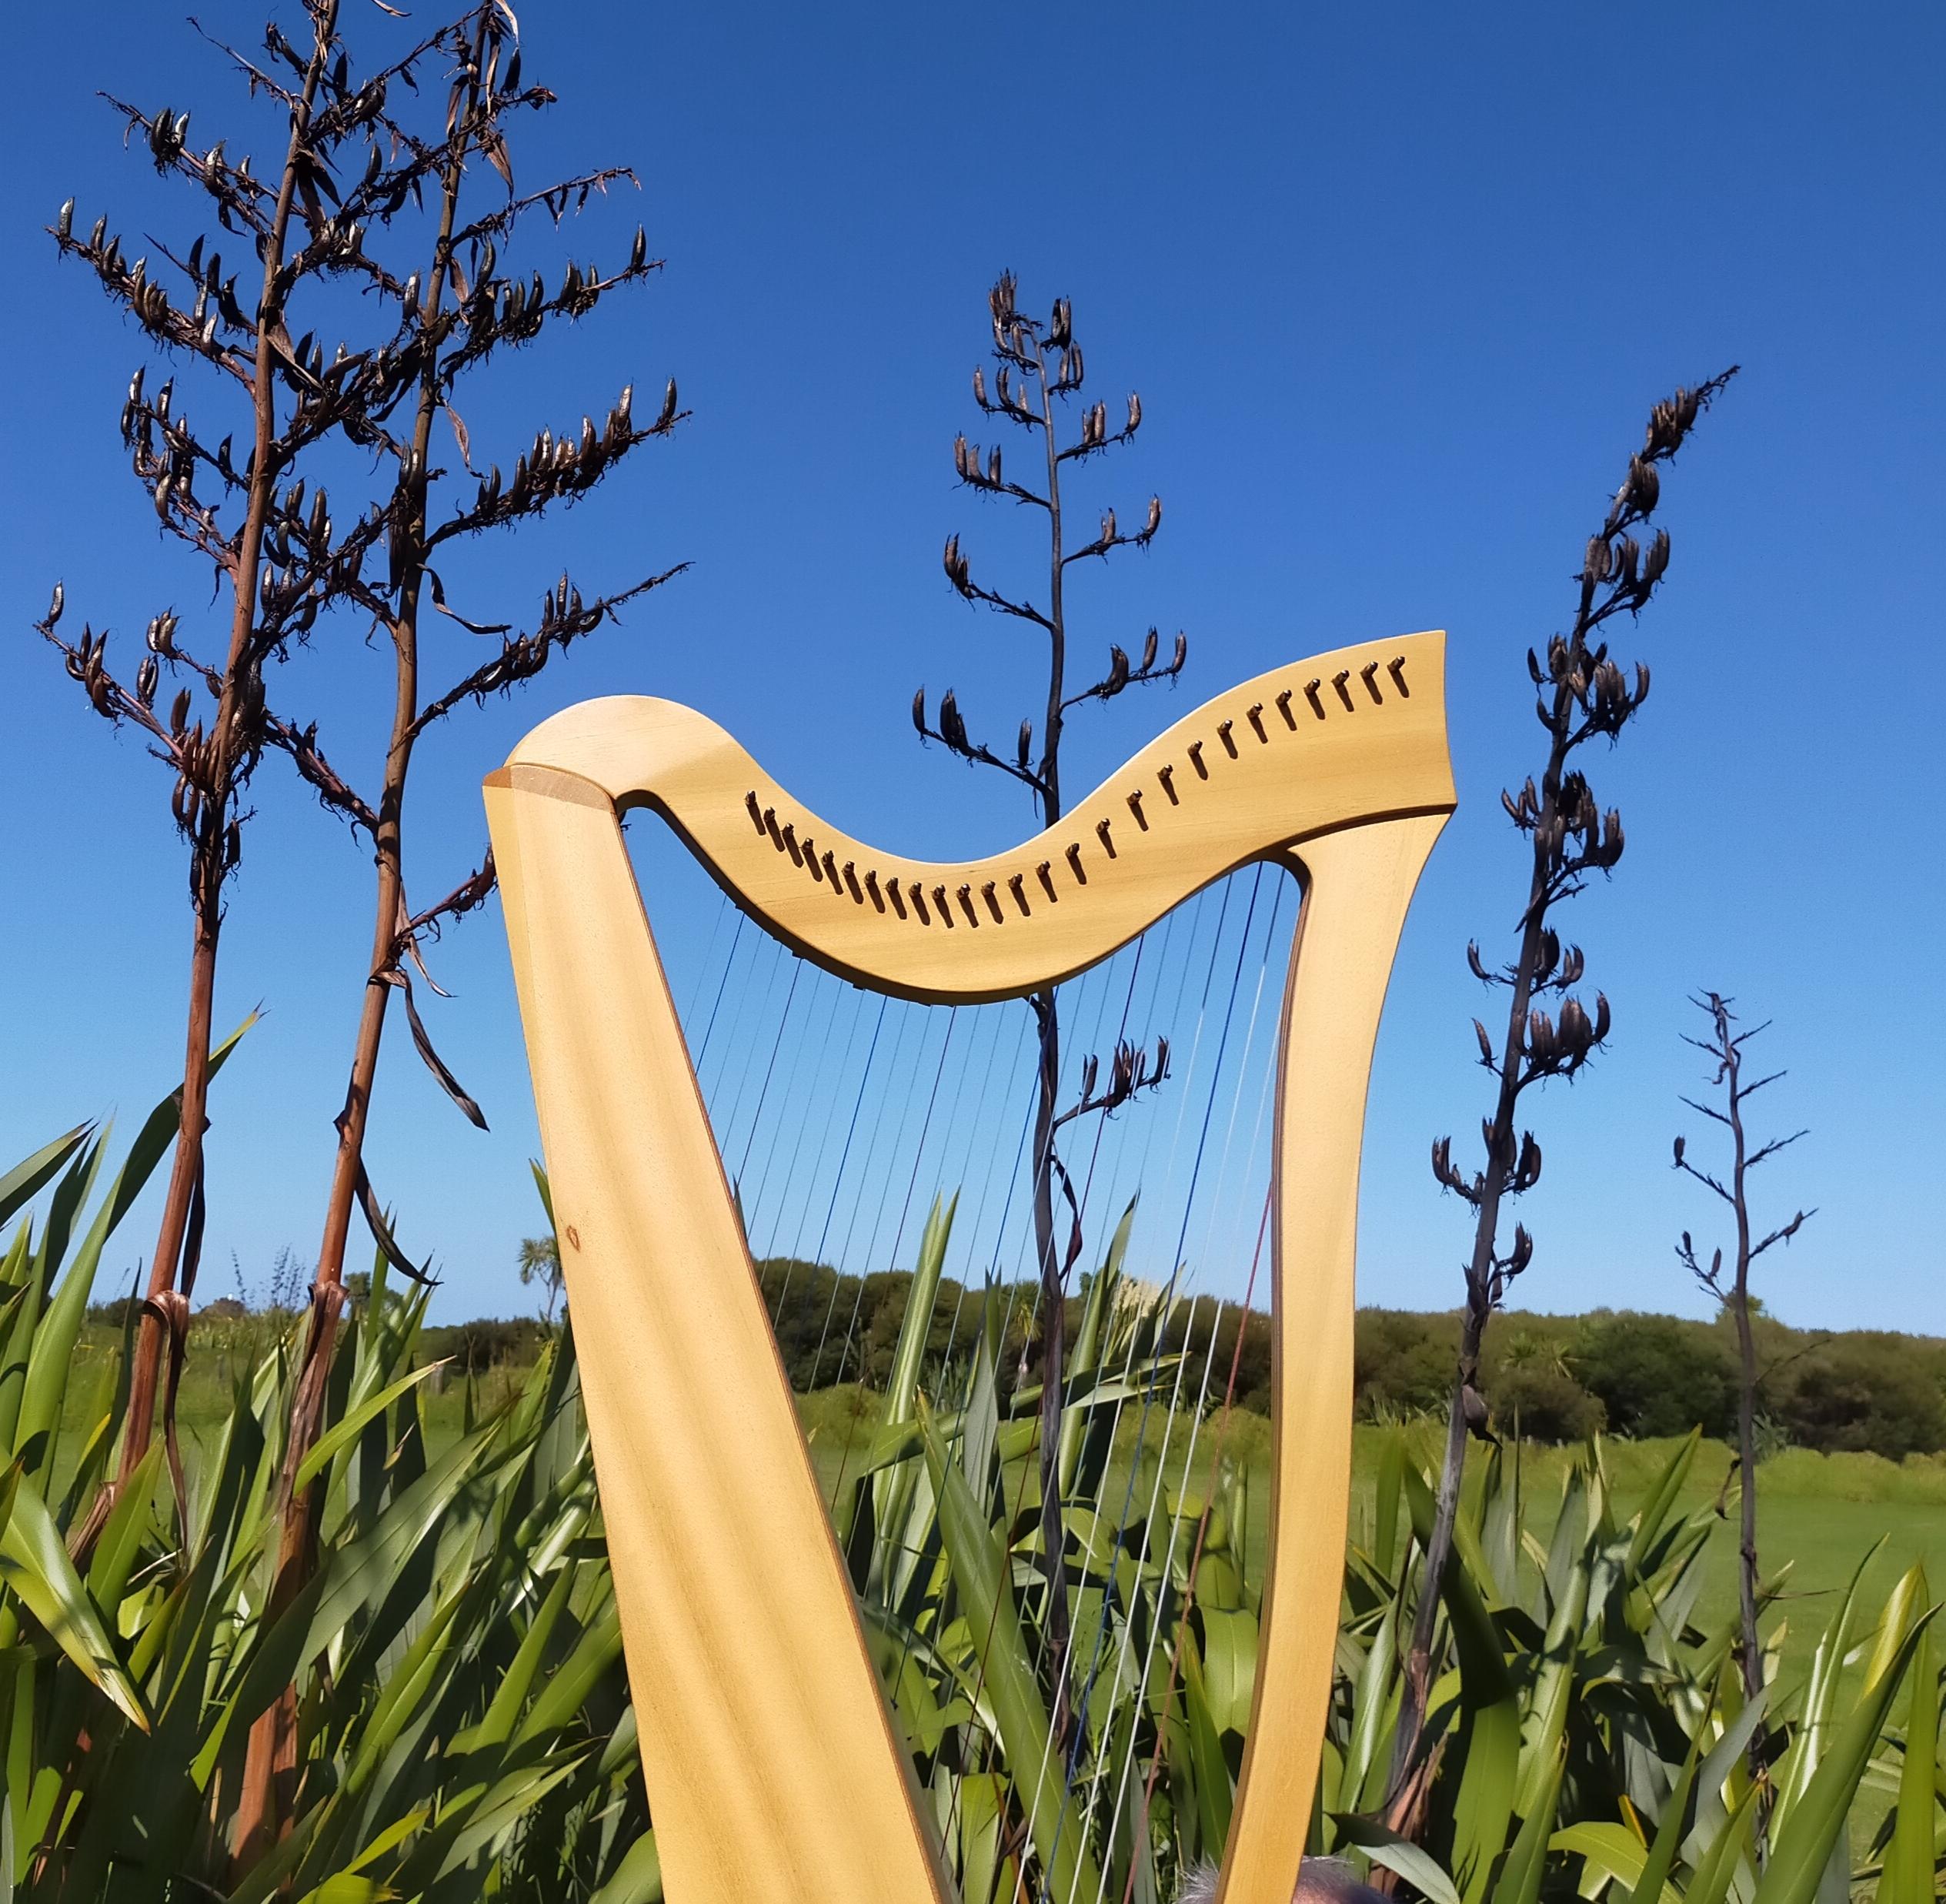 blue-sky-harping-in-nz-anna-dunwoodie.jpg